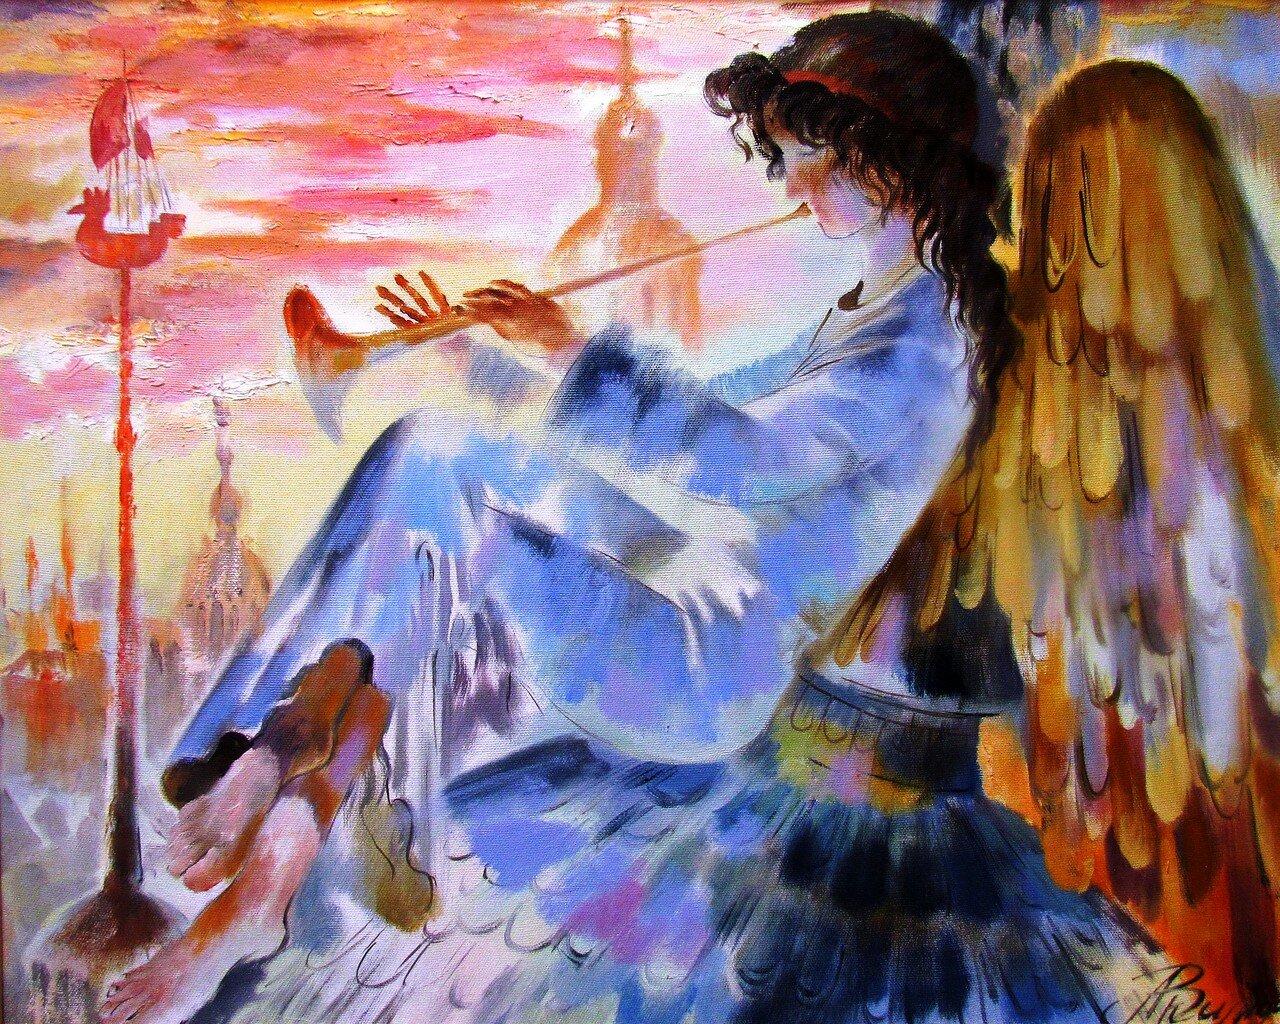 владимир акимов.ангел над городом.jpg